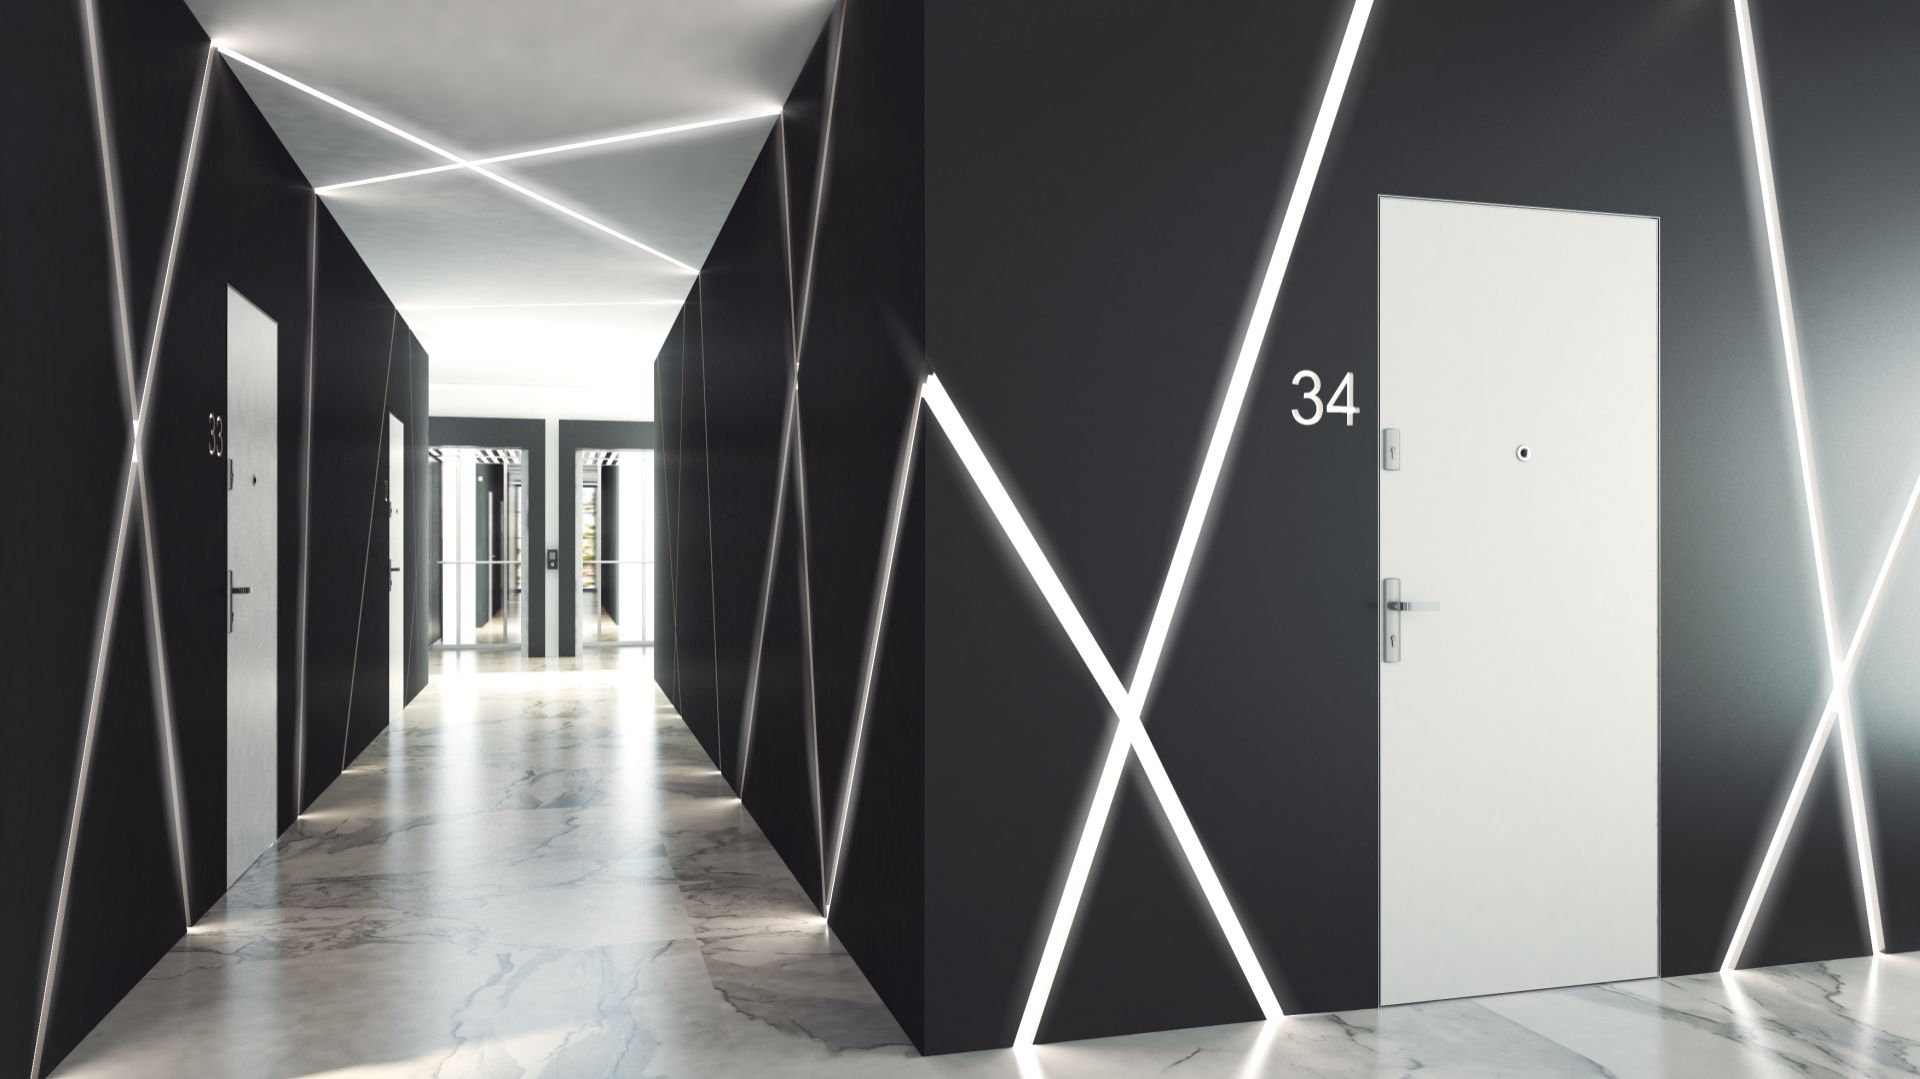 Drzwi Gradara, kolekcja DISCRET VERTE/Entra. Produkt zgłoszony do konkursu Dobry Design 2018.